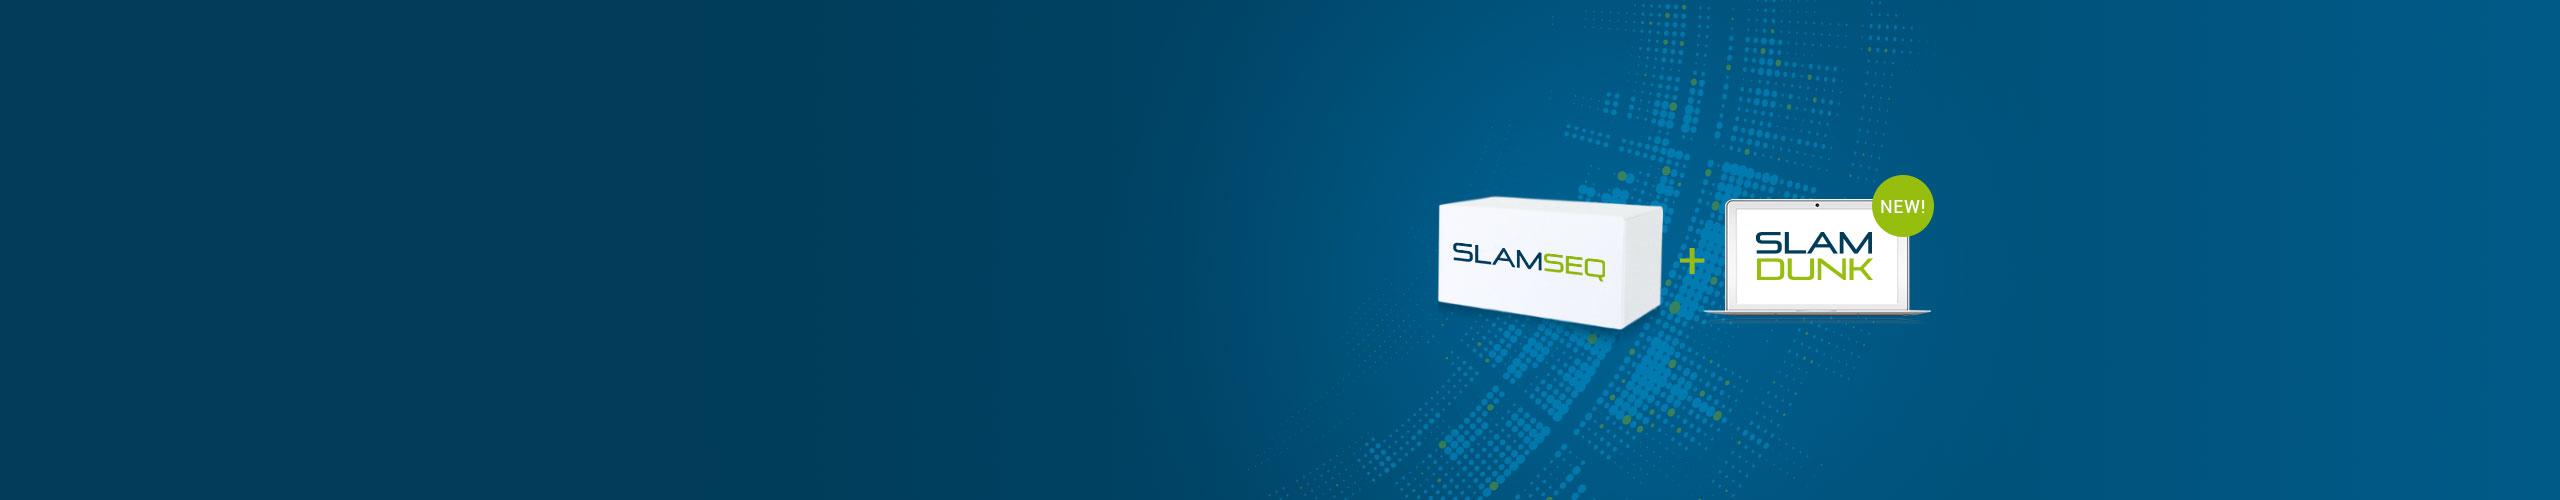 SLAMseq-SLAMdunk-Release-Slider